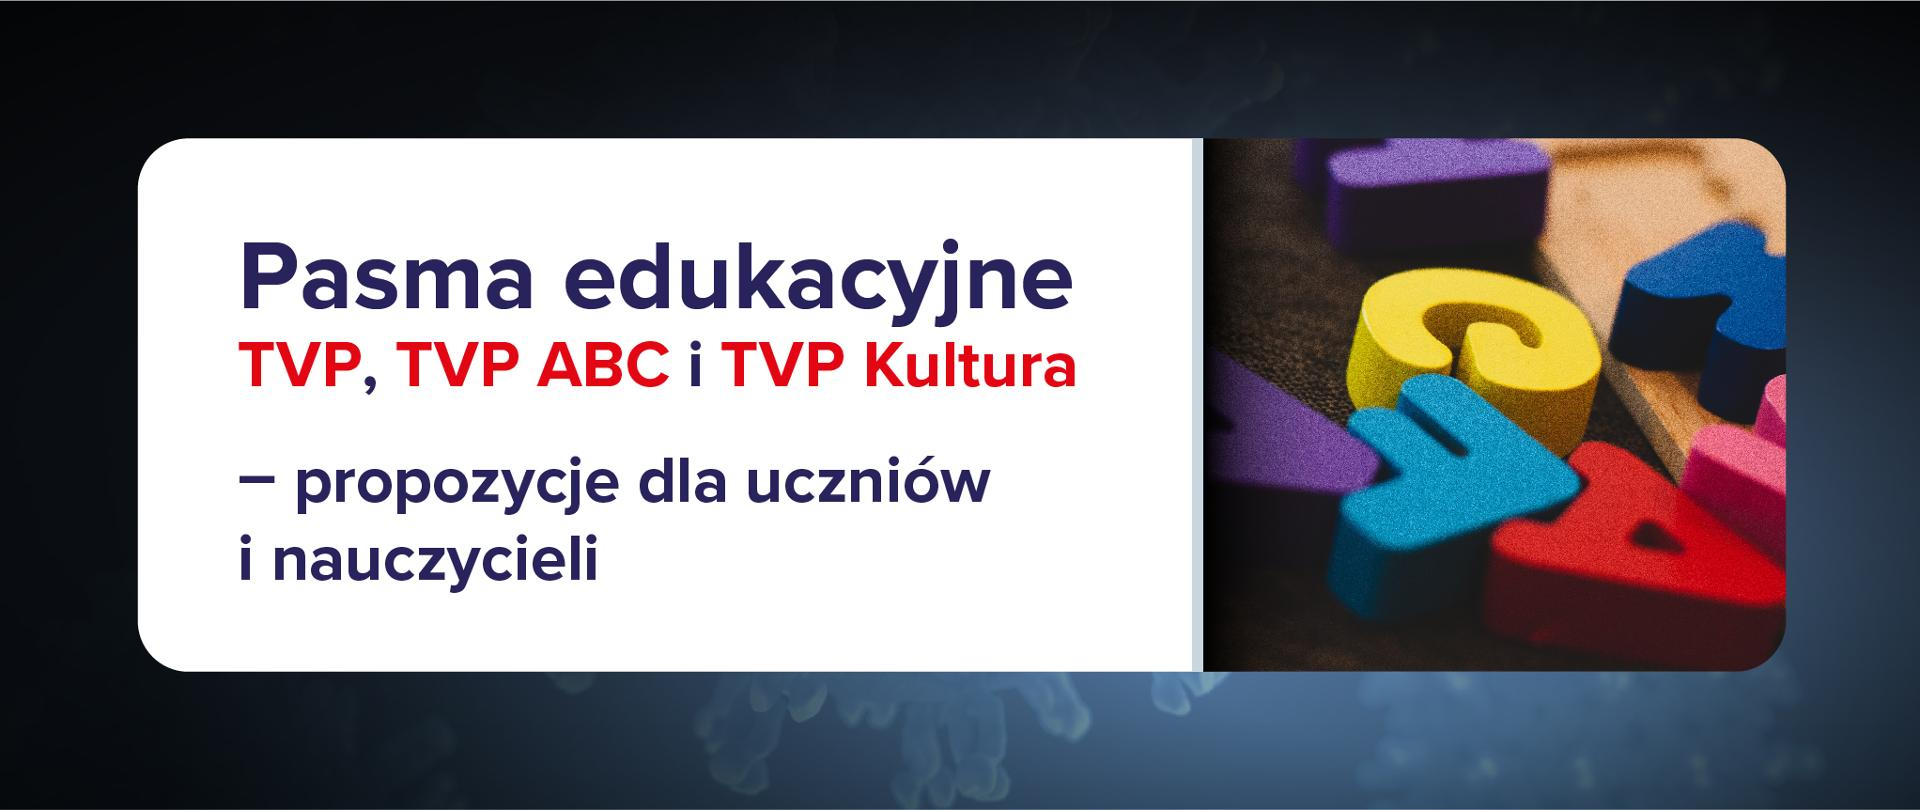 Grafika z tekstem: Pasma edukacyjne TVP, TVP ABC i TVP Kultura – propozycje dla uczniów i nauczycieli. Ciemne bladoniebieskie tło ze zdjęciem po prawej stronie napisów znajdujących się na białym tle. Na zdjęciu widać drewniane, kolorowe litery alfabetu.